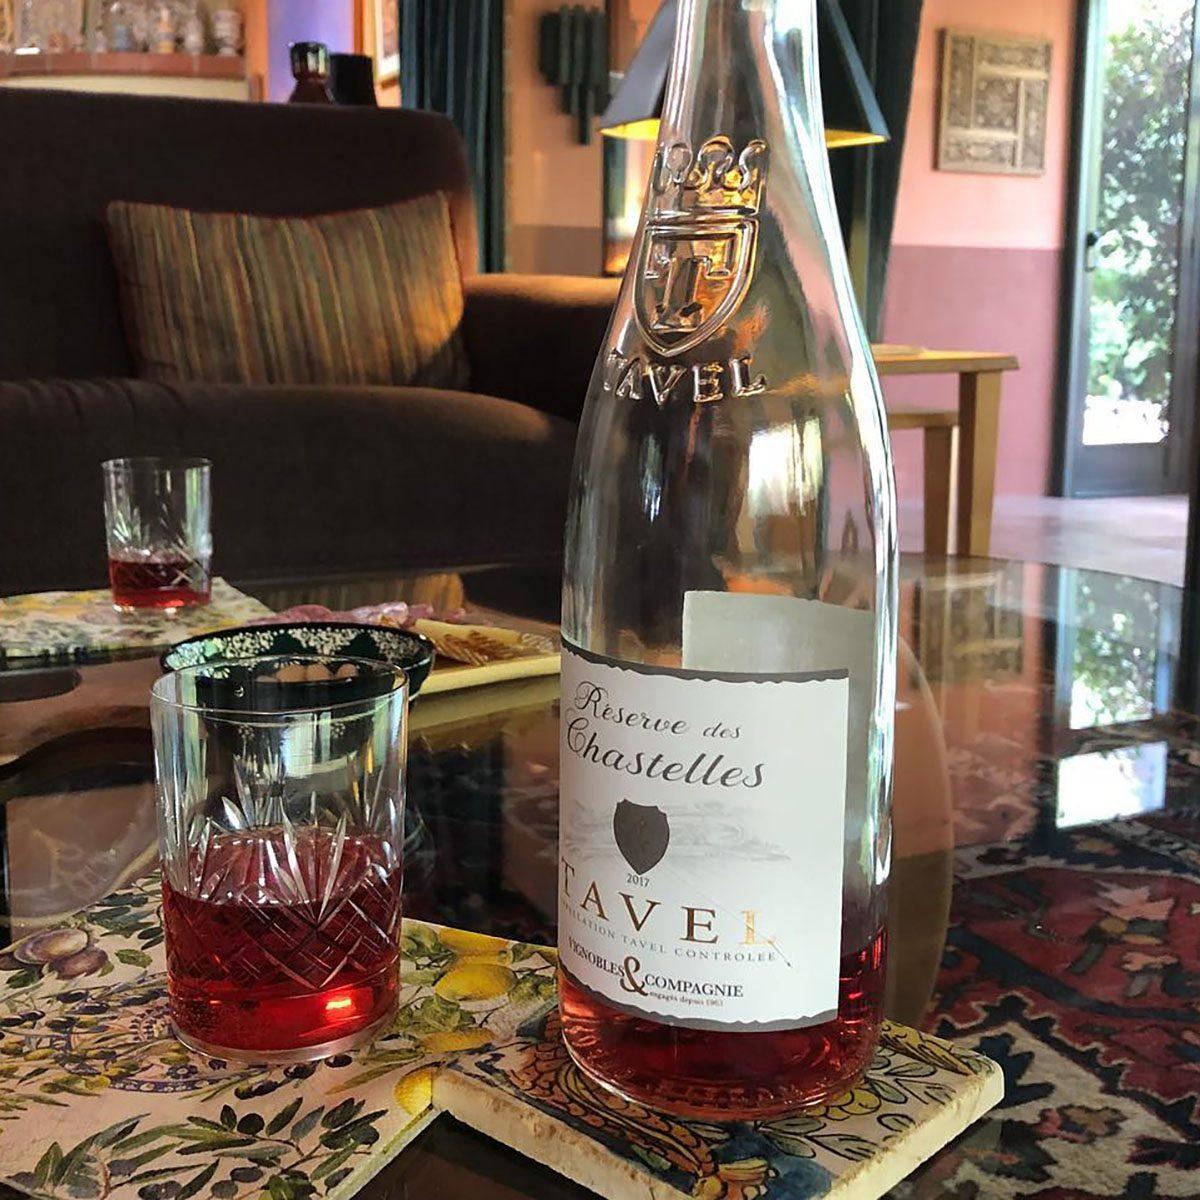 Reserve des Chastelles Rosé bottle and glasses